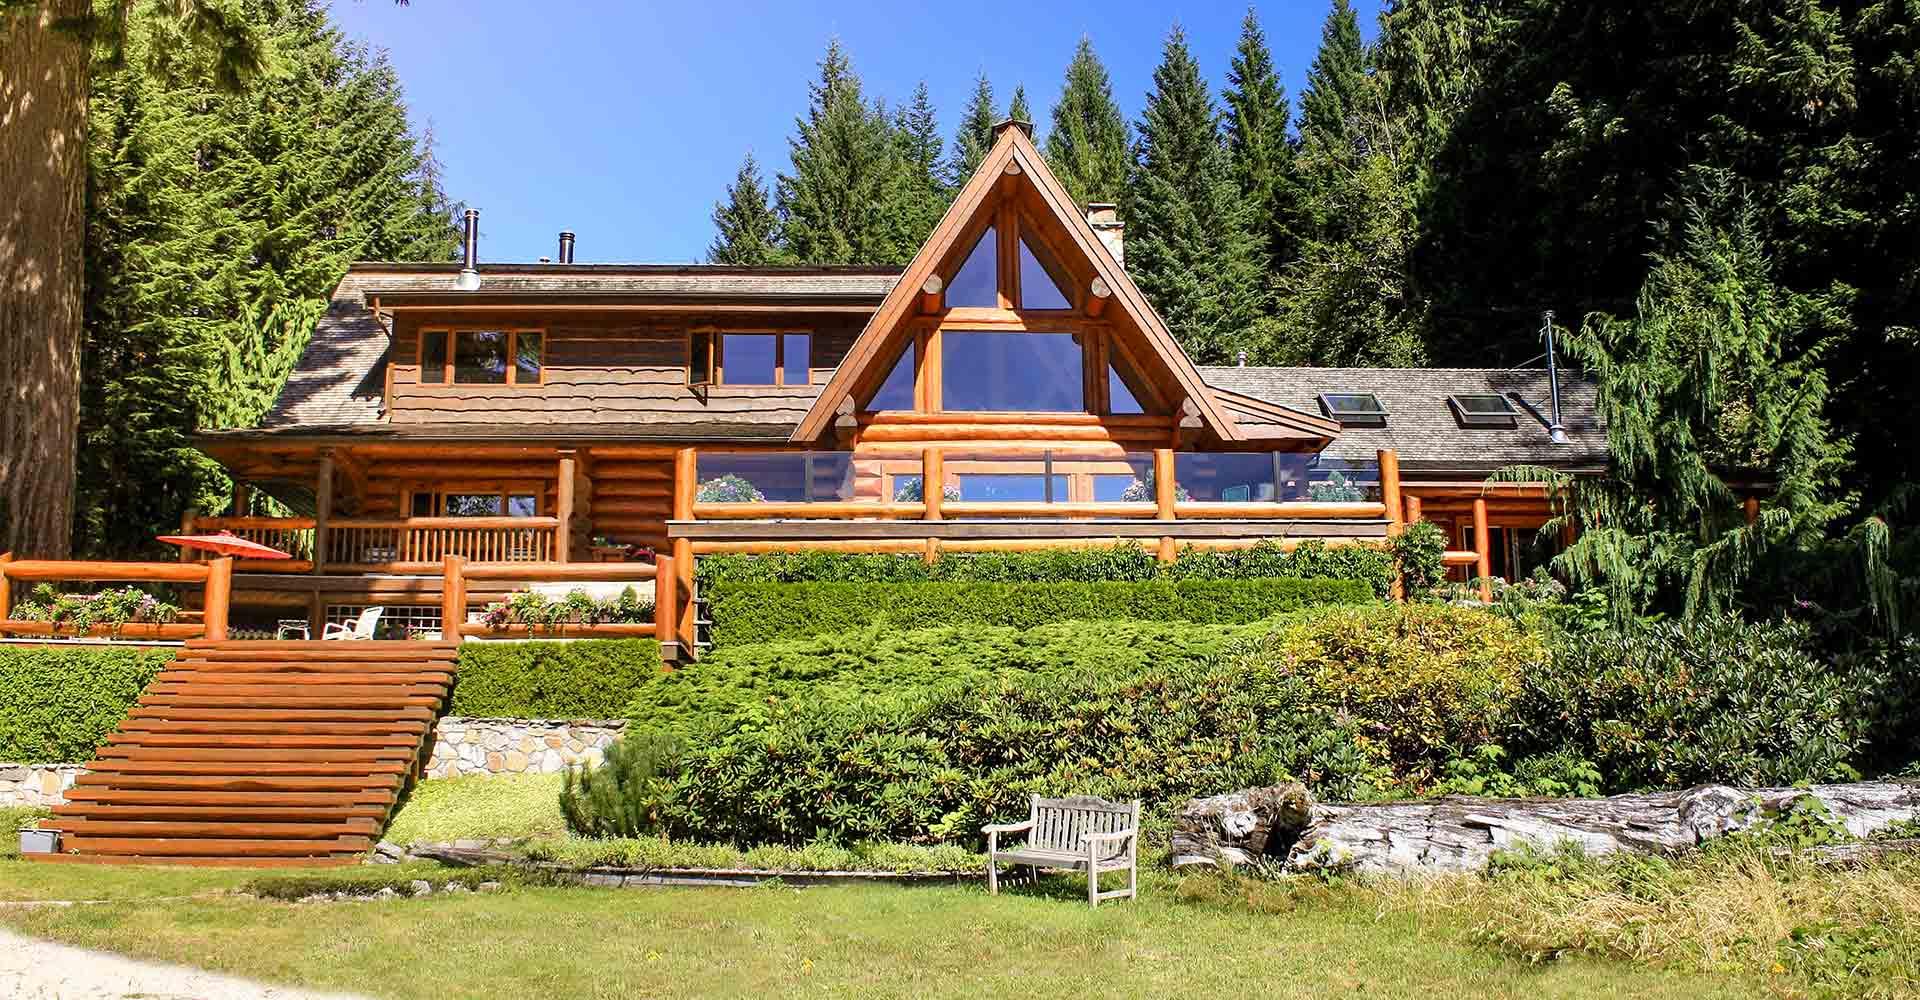 The Lake House Log Home  B C. Log Homes   Cascade Handcrafted Log Homes   Custom Design   Build